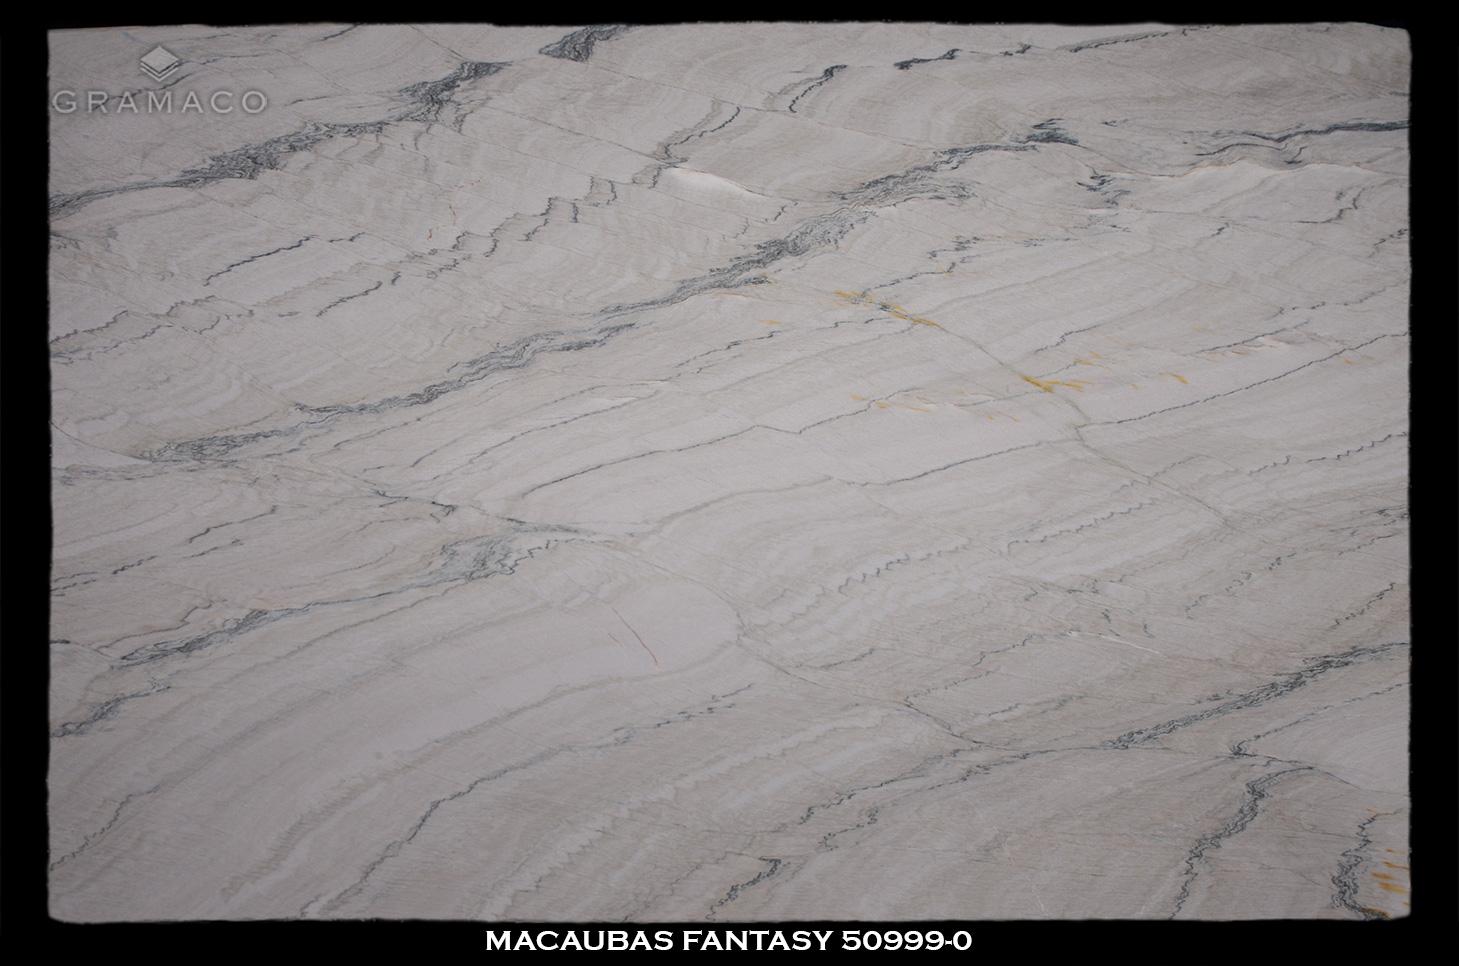 Macaubas Fantasy 50999 0 Gramaco